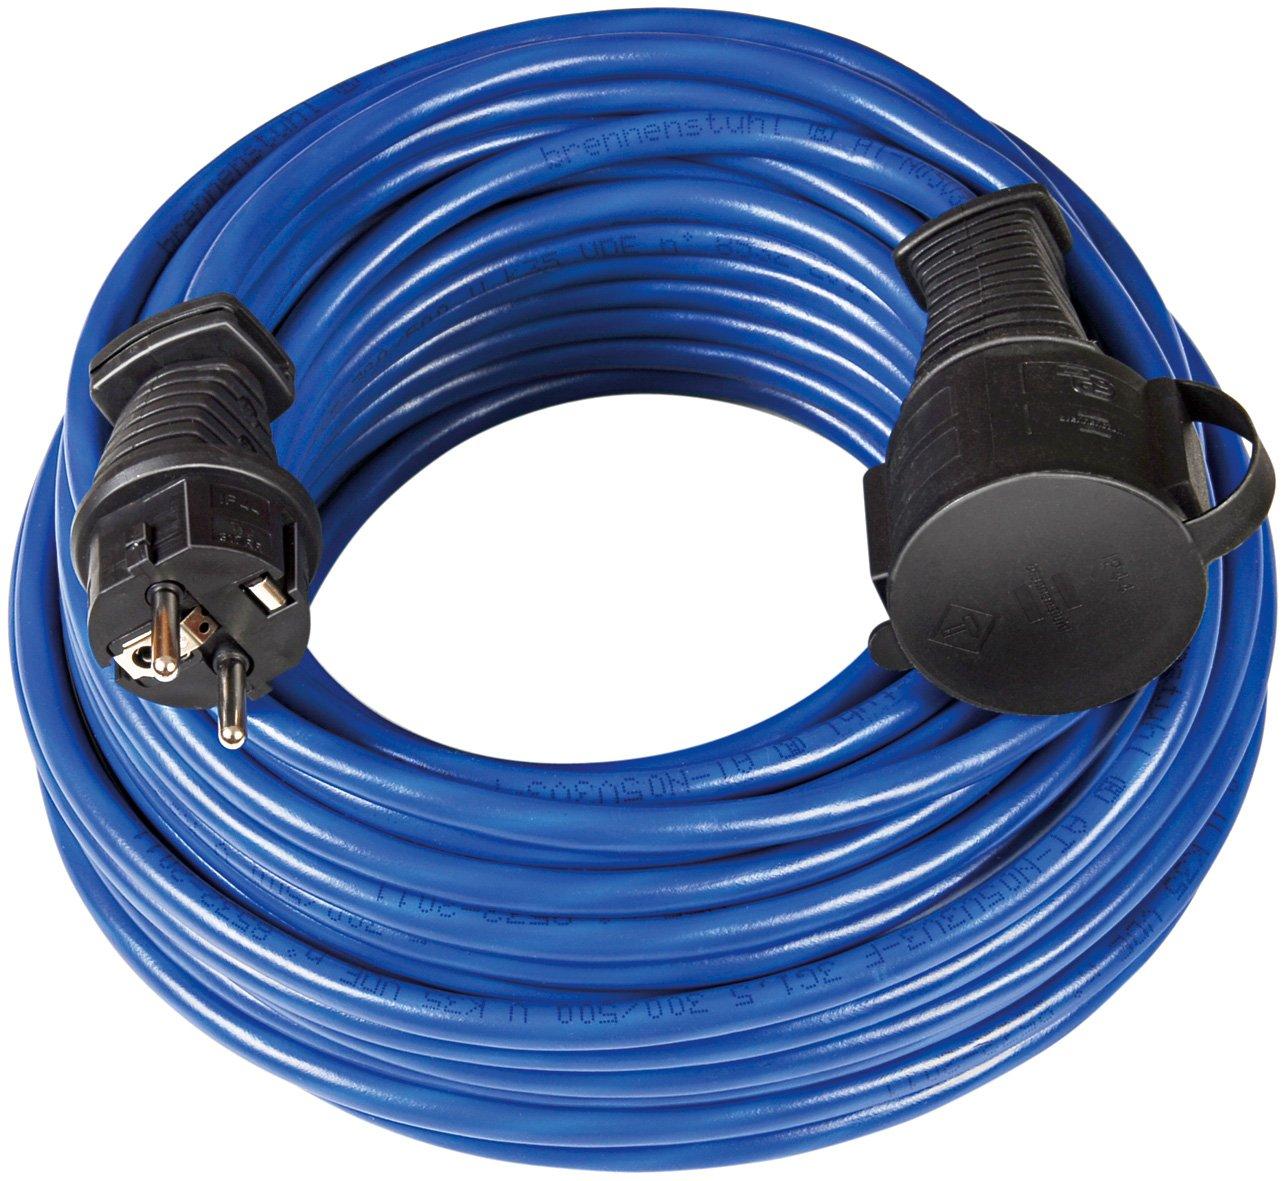 Brennenstuhl 1169820 - Cable alargador: Amazon.es: Informática